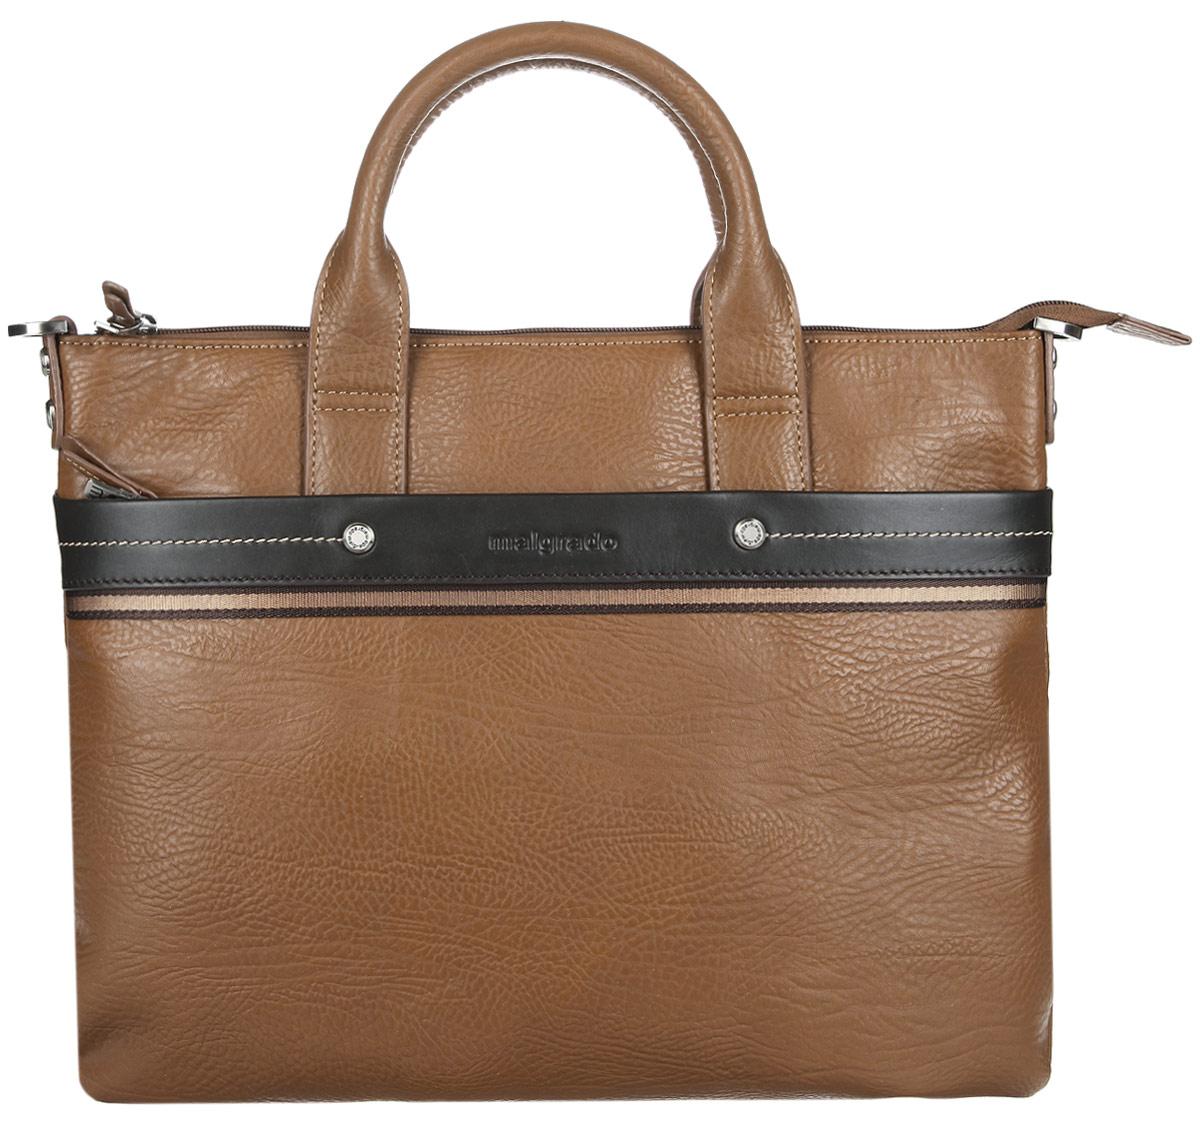 Сумка мужская Malgrado, цвет: светло-коричневый, коричневый. BR09-318B4932S76245Стильная мужская сумка Malgrado выполнена из натуральной кожи с зернистой фактурой, оформлена металлической фурнитурой с символикой бренда и контрастной строчкой.Сумка содержит одно отделение, которое закрывается на застежку-молнию. Внутри изделия расположены врезной карман на застежке-молнии и органайзер, состоящий из трех кармашков для кредитных карт, двух накладных карманов и двух кожаных фиксаторов для письменных принадлежностей. Снаружи, на задней стороне сумки, расположен накладной карман на магнитной кнопке. Лицевая сторона сумки дополнена мягким накладным карманом на молнии. Сумка оснащена двумя практичными ручками и съемным плечевым ремнем регулируемой длины, которые позволят носить изделие, как в руках, так и на плече.Практичный аксессуар позволит вам завершить образ и подчеркнуть деловой стиль.